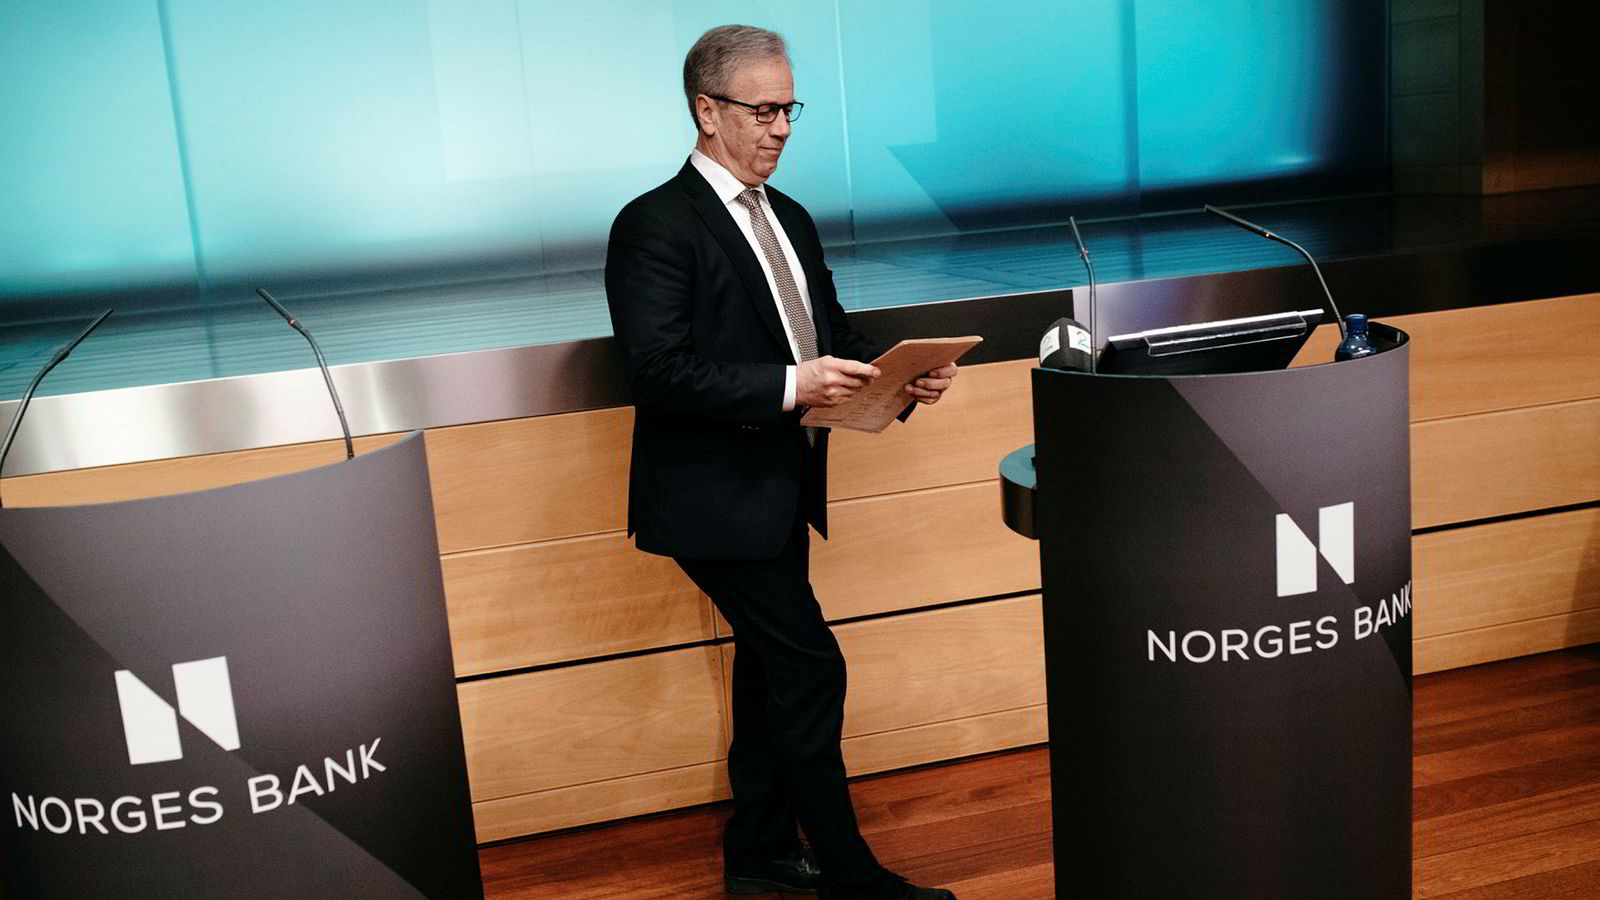 – Slik vi nå vurderer utsiktene og risikobildet, vil styringsrenten mest sannsynlig bli satt videre opp i løpet av det neste halve året, sier sentralbanksjef Øystein Olsen.